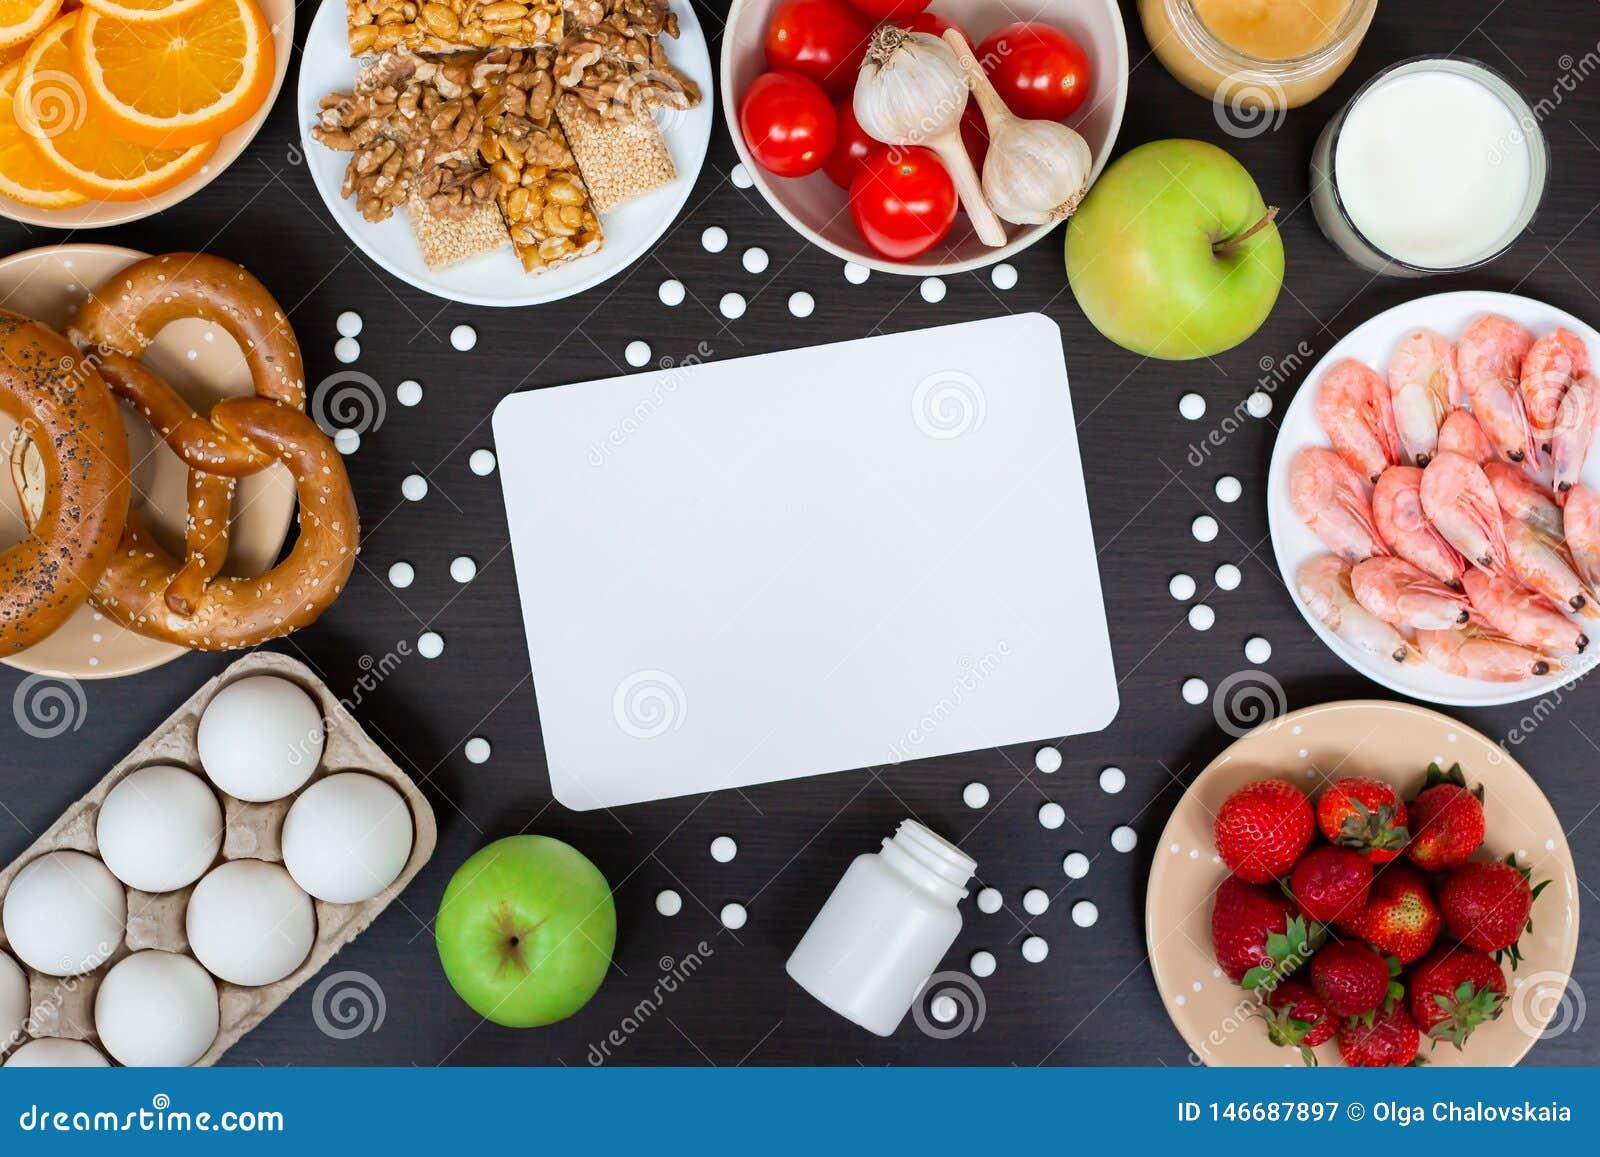 Ajuste dos produtos alérgicos como o leite, laranjas, tomates, alho, camarão, amendoins, ovos, maçãs, pão, morangos